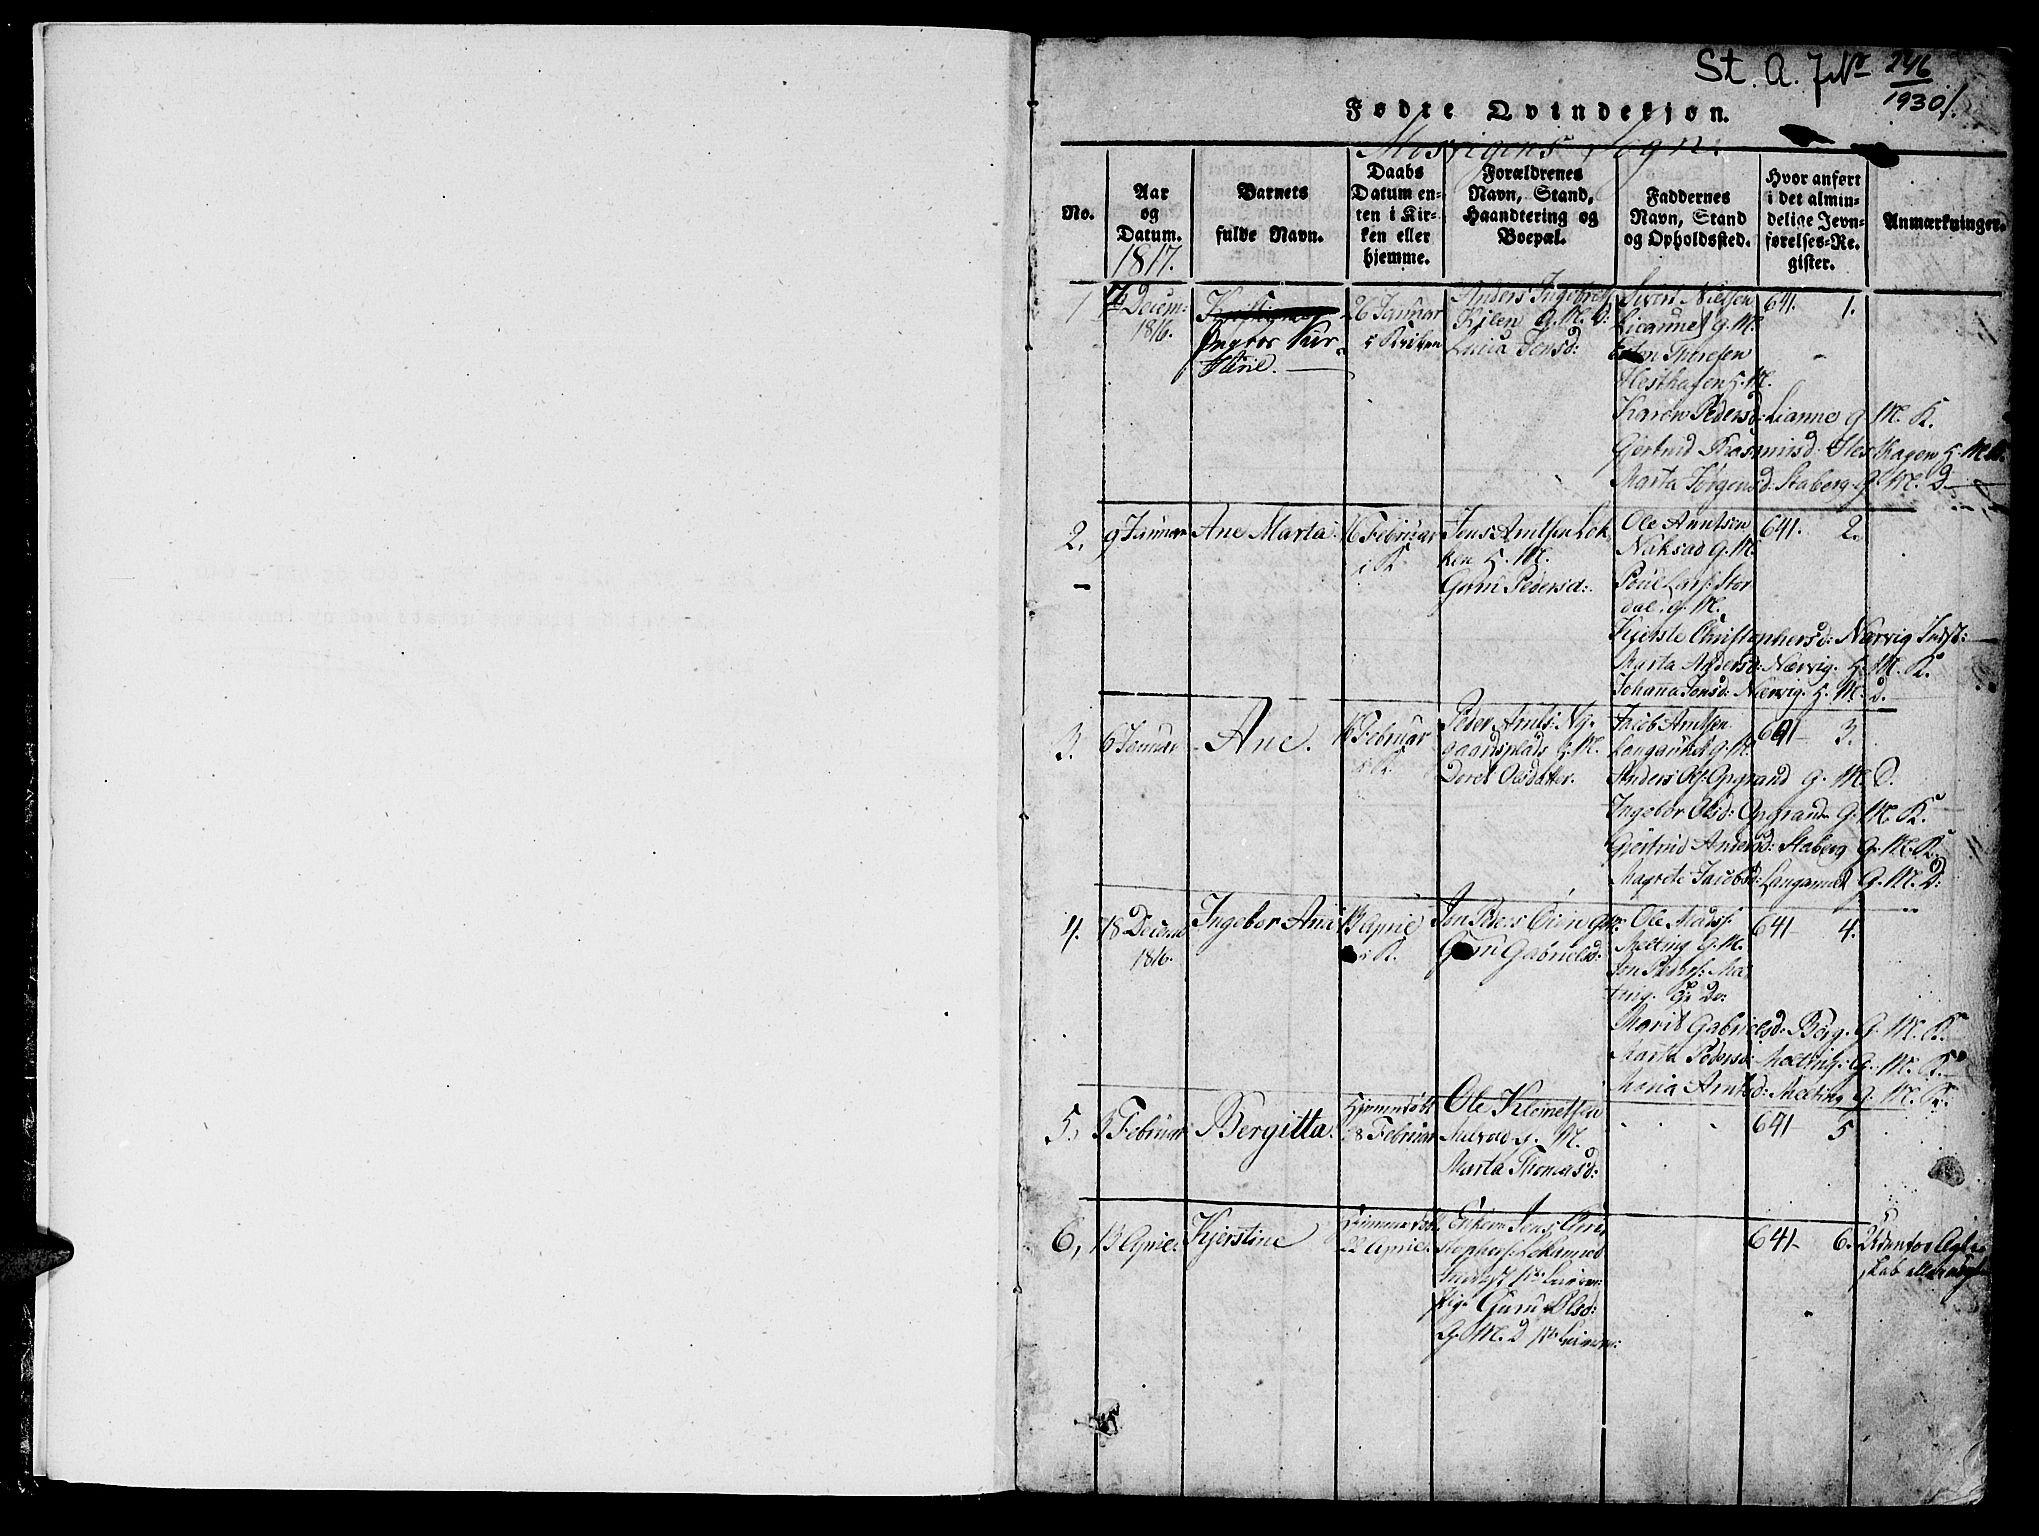 SAT, Ministerialprotokoller, klokkerbøker og fødselsregistre - Nord-Trøndelag, 733/L0322: Parish register (official) no. 733A01, 1817-1842, p. 0-1